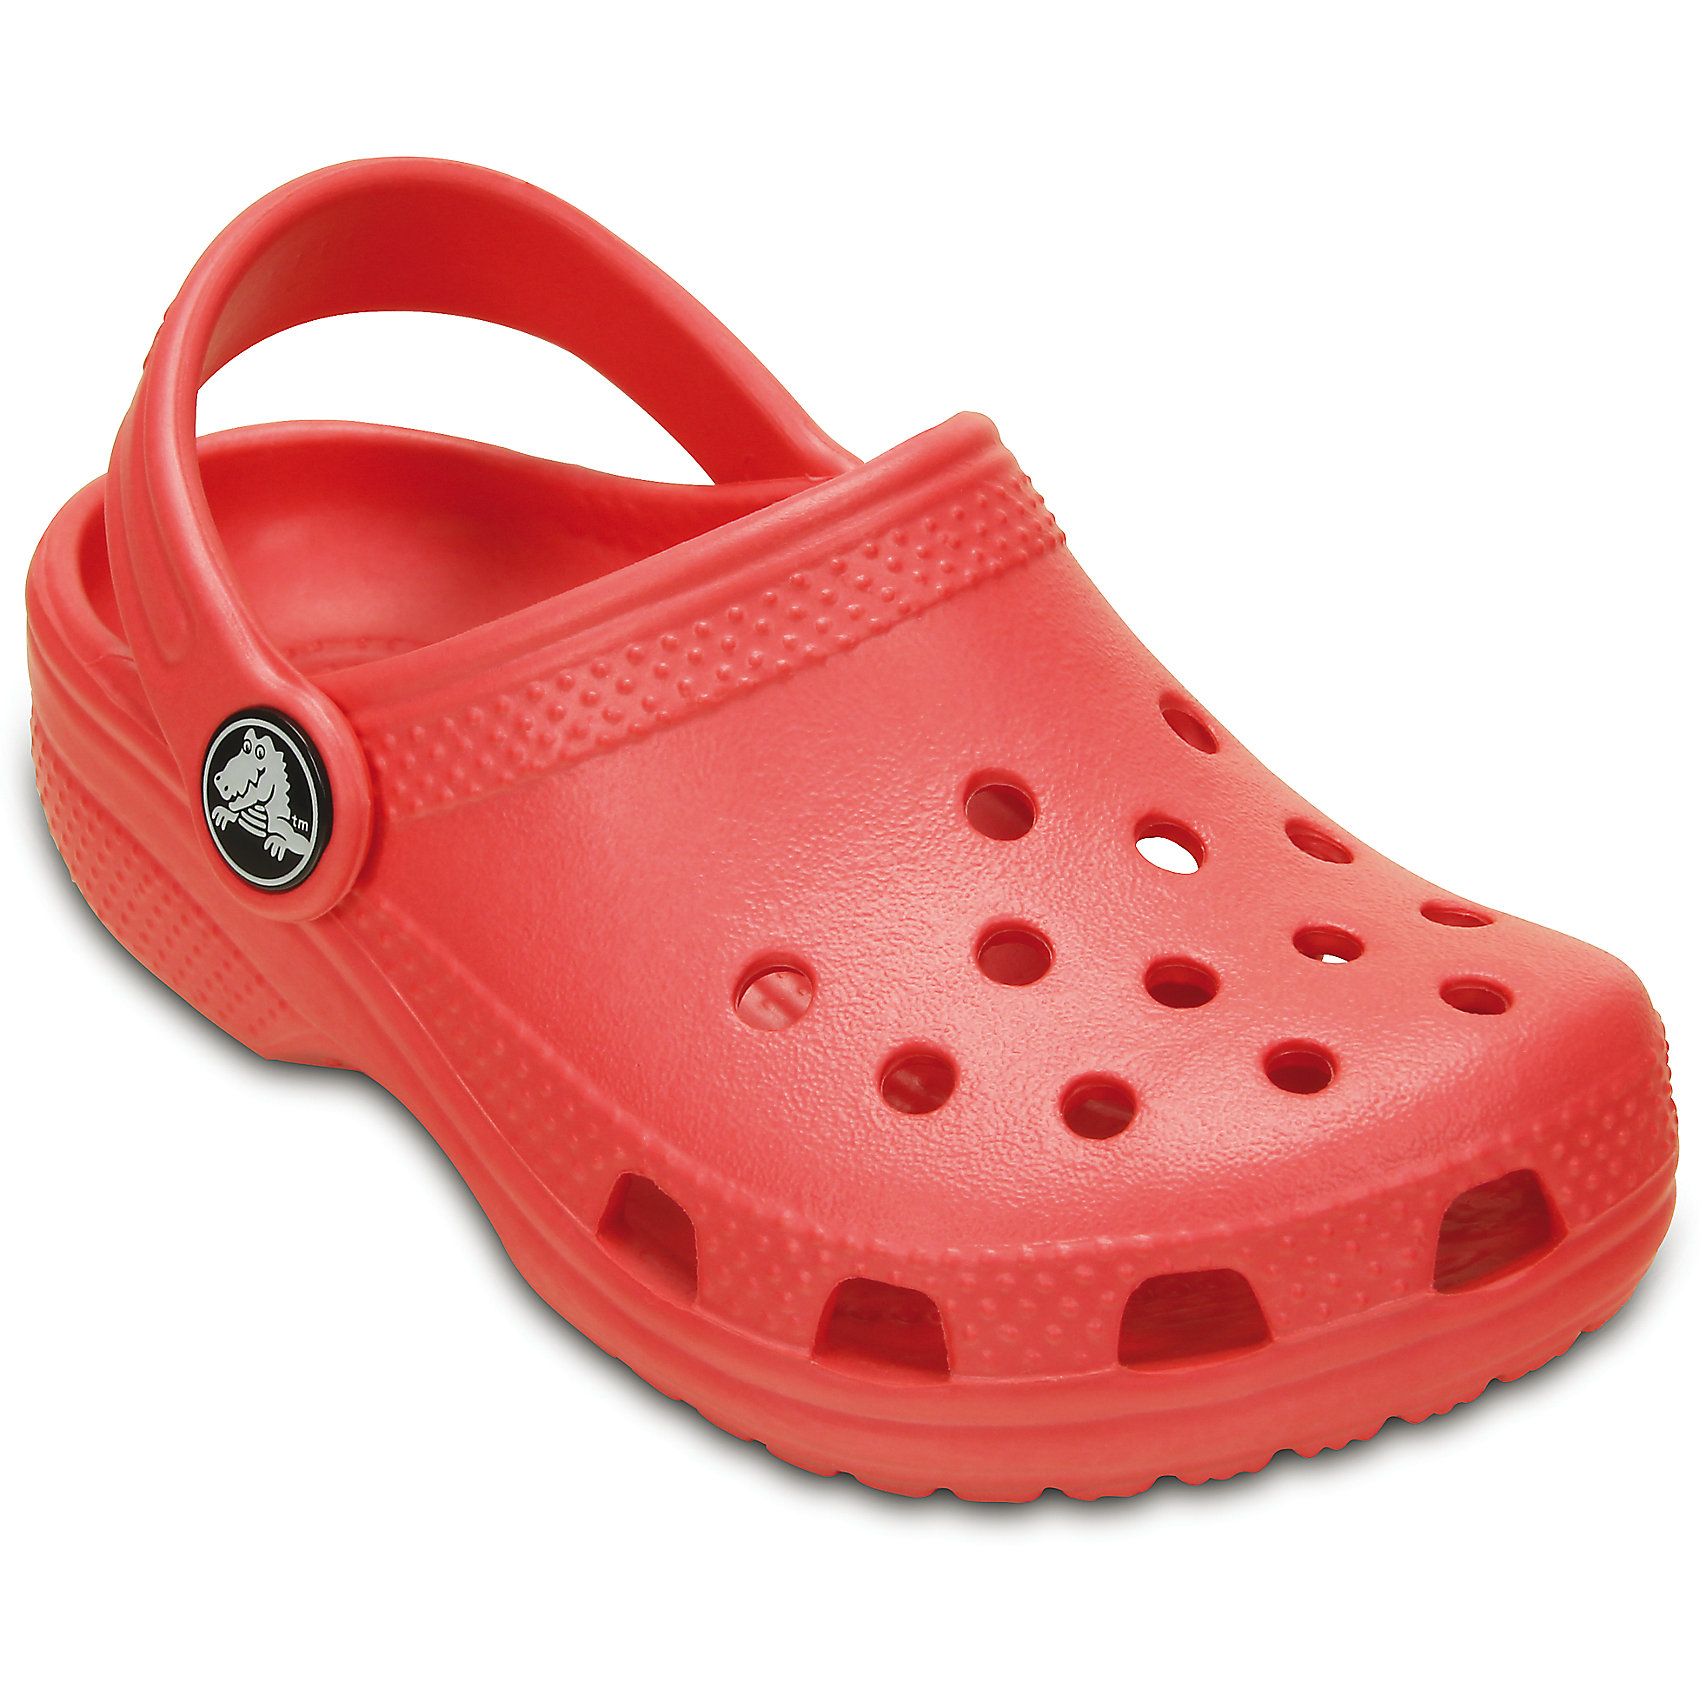 Сабо Classic Kids для девочки CrocsПляжная обувь<br>Характеристики товара:<br><br>• цвет: красный<br>• материал: 100% полимер Croslite™<br>• литая модель<br>• вентиляционные отверстия<br>• бактериостатичный материал<br>• пяточный ремешок фиксирует стопу<br>• толстая устойчивая подошва<br>• отверстия для использования украшений<br>• анатомическая стелька с массажными точками стимулирует кровообращение<br>• страна бренда: США<br>• страна изготовитель: Китай<br><br>Для правильного развития ребенка крайне важно, чтобы обувь была удобной. Такие сабо обеспечивают детям необходимый комфорт, а анатомическая стелька с массажными линиями для стимуляции кровообращения позволяет ножкам дольше не уставать. Сабо легко надеваются и снимаются, отлично сидят на ноге. Материал, из которого они сделаны, не дает размножаться бактериям, поэтому такая обувь препятствует образованию неприятного запаха и появлению болезней стоп. <br>Обувь от американского бренда Crocs в данный момент завоевала широкую популярность во всем мире, и это не удивительно - ведь она невероятно удобна. Её носят врачи, спортсмены, звёзды шоу-бизнеса, люди, которым много времени приходится бывать на ногах - они понимают, как важна комфортная обувь. Продукция Crocs - это качественные товары, созданные с применением новейших технологий. Обувь отличается стильным дизайном и продуманной конструкцией. Изделие производится из качественных и проверенных материалов, которые безопасны для детей.<br><br>Сабо для девочки от торговой марки Crocs можно купить в нашем интернет-магазине.<br><br>Ширина мм: 225<br>Глубина мм: 139<br>Высота мм: 112<br>Вес г: 290<br>Цвет: красный<br>Возраст от месяцев: 60<br>Возраст до месяцев: 72<br>Пол: Унисекс<br>Возраст: Детский<br>Размер: 29/30,34/35,35/36,27/28,23/24,25/26,33/34<br>SKU: 4828042